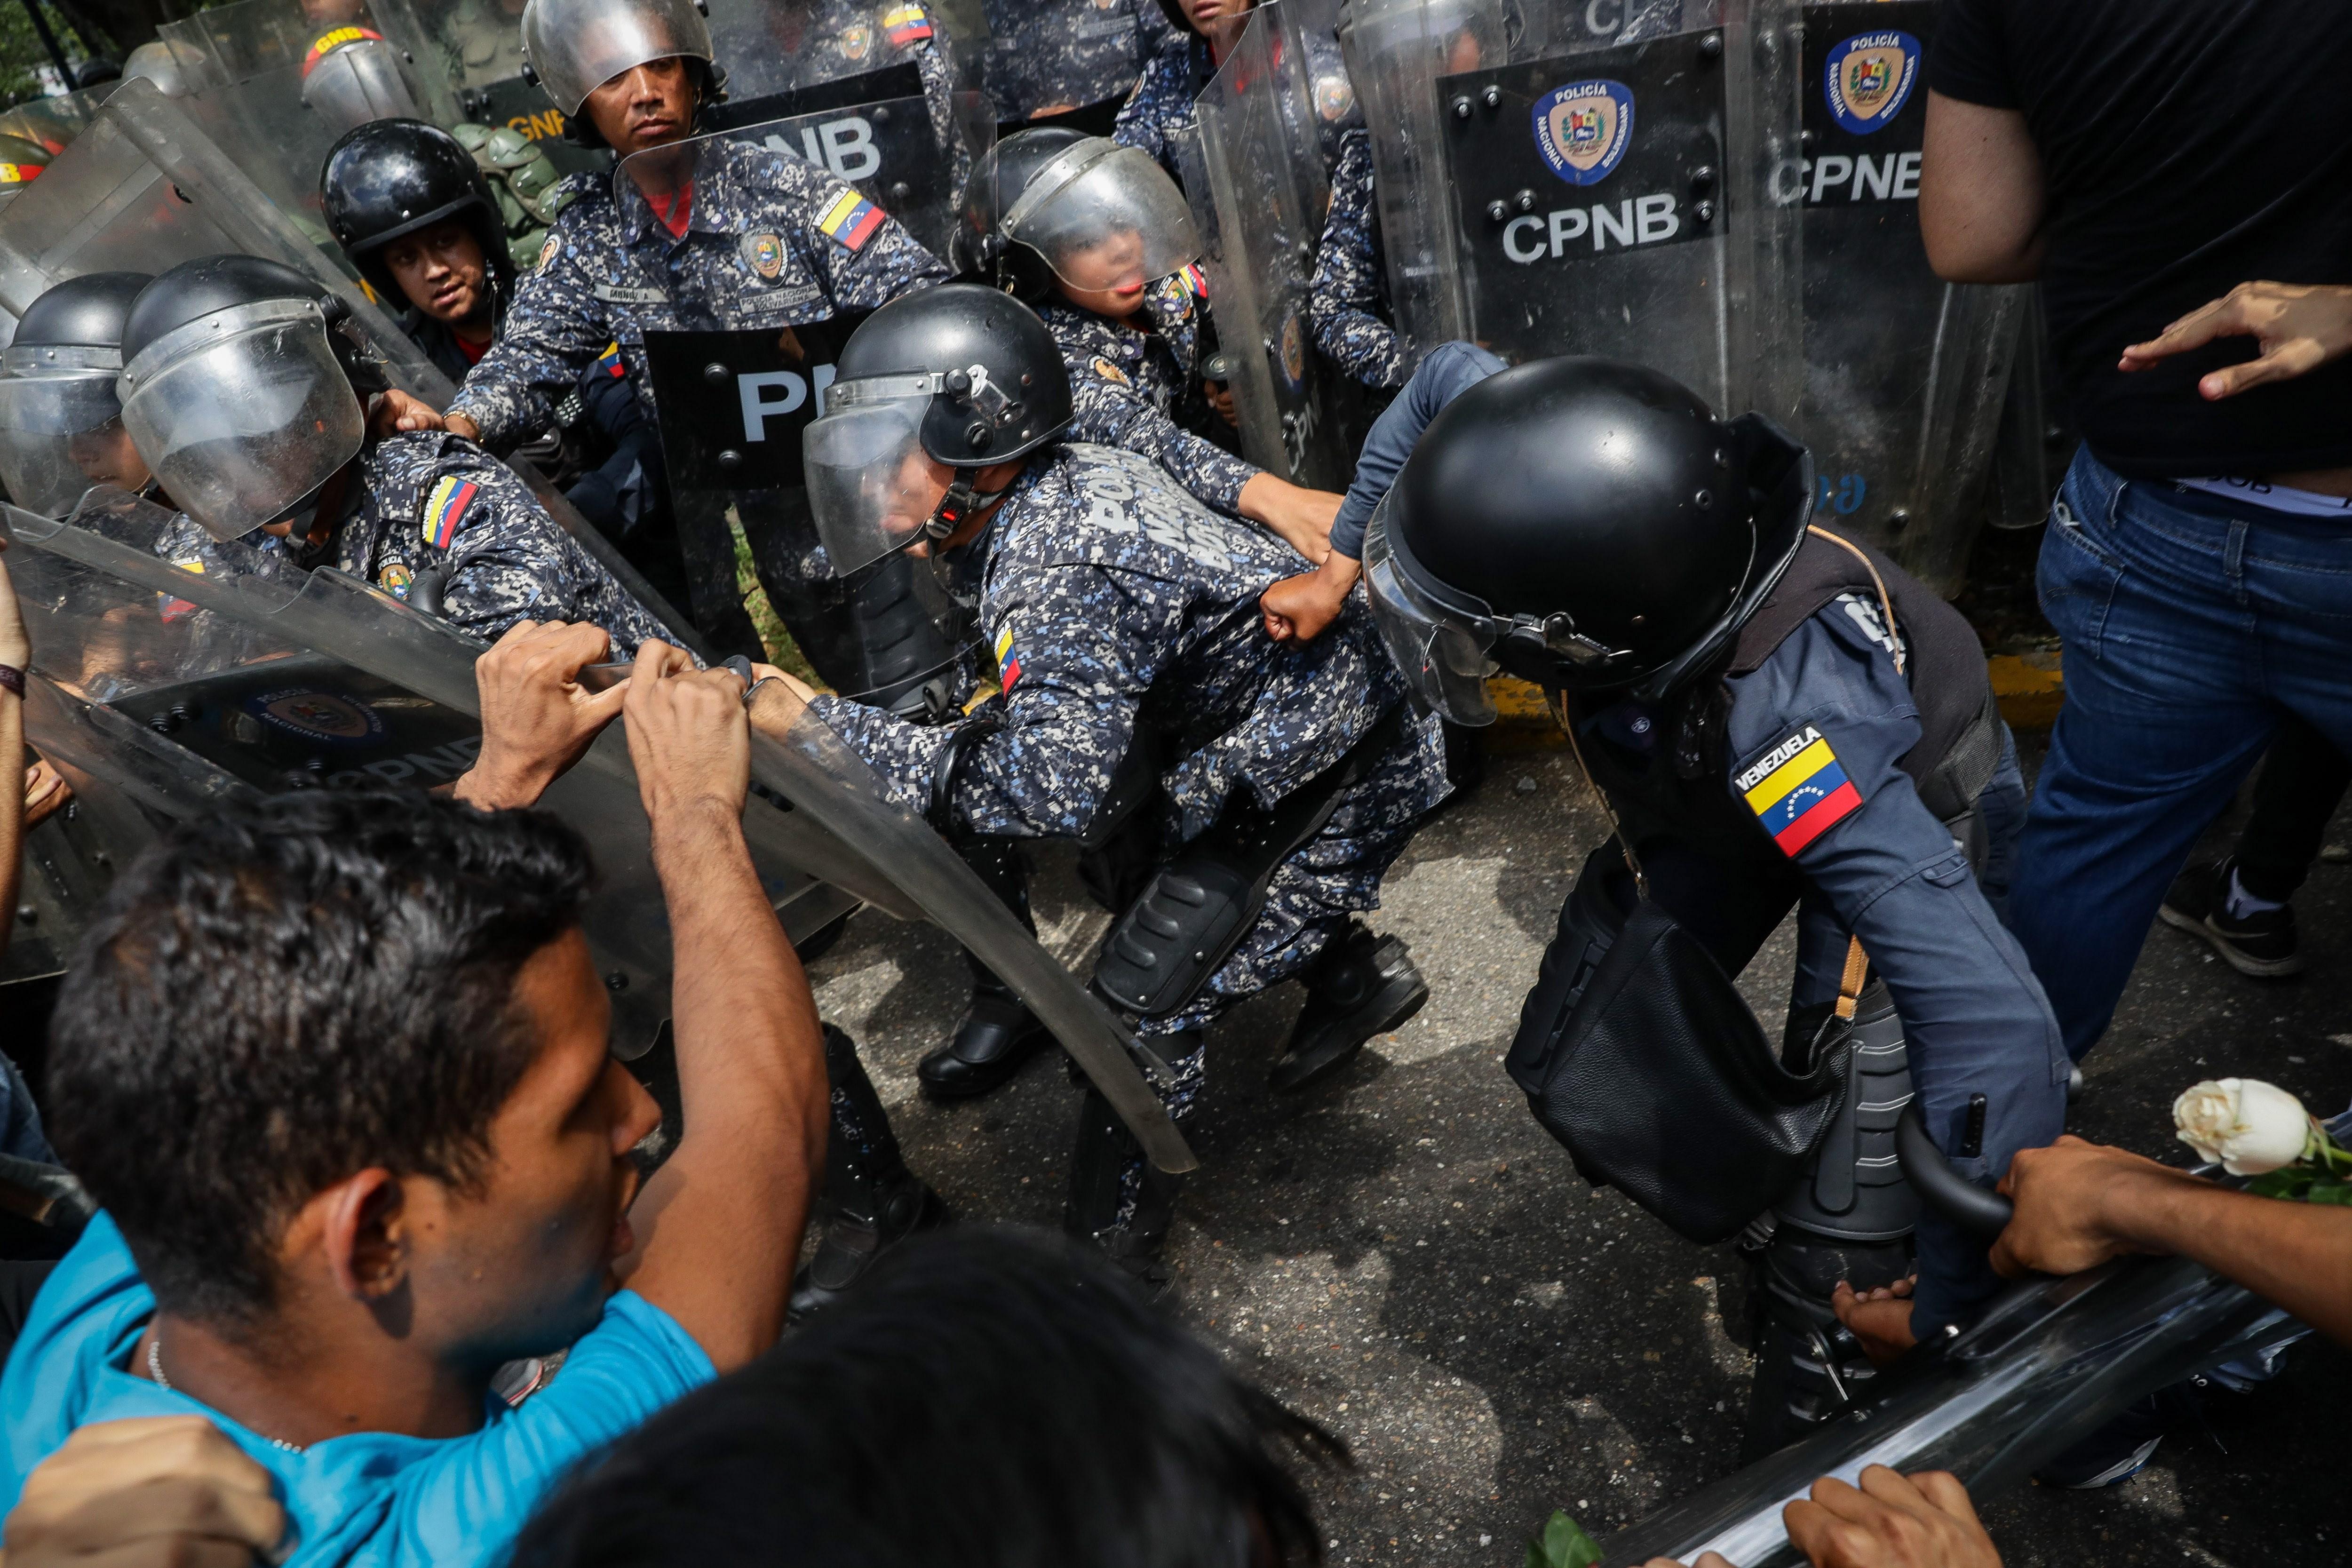 Los universitarios ofrecieron rosas y lo que recibieron fue gas pimienta - Diario La Región